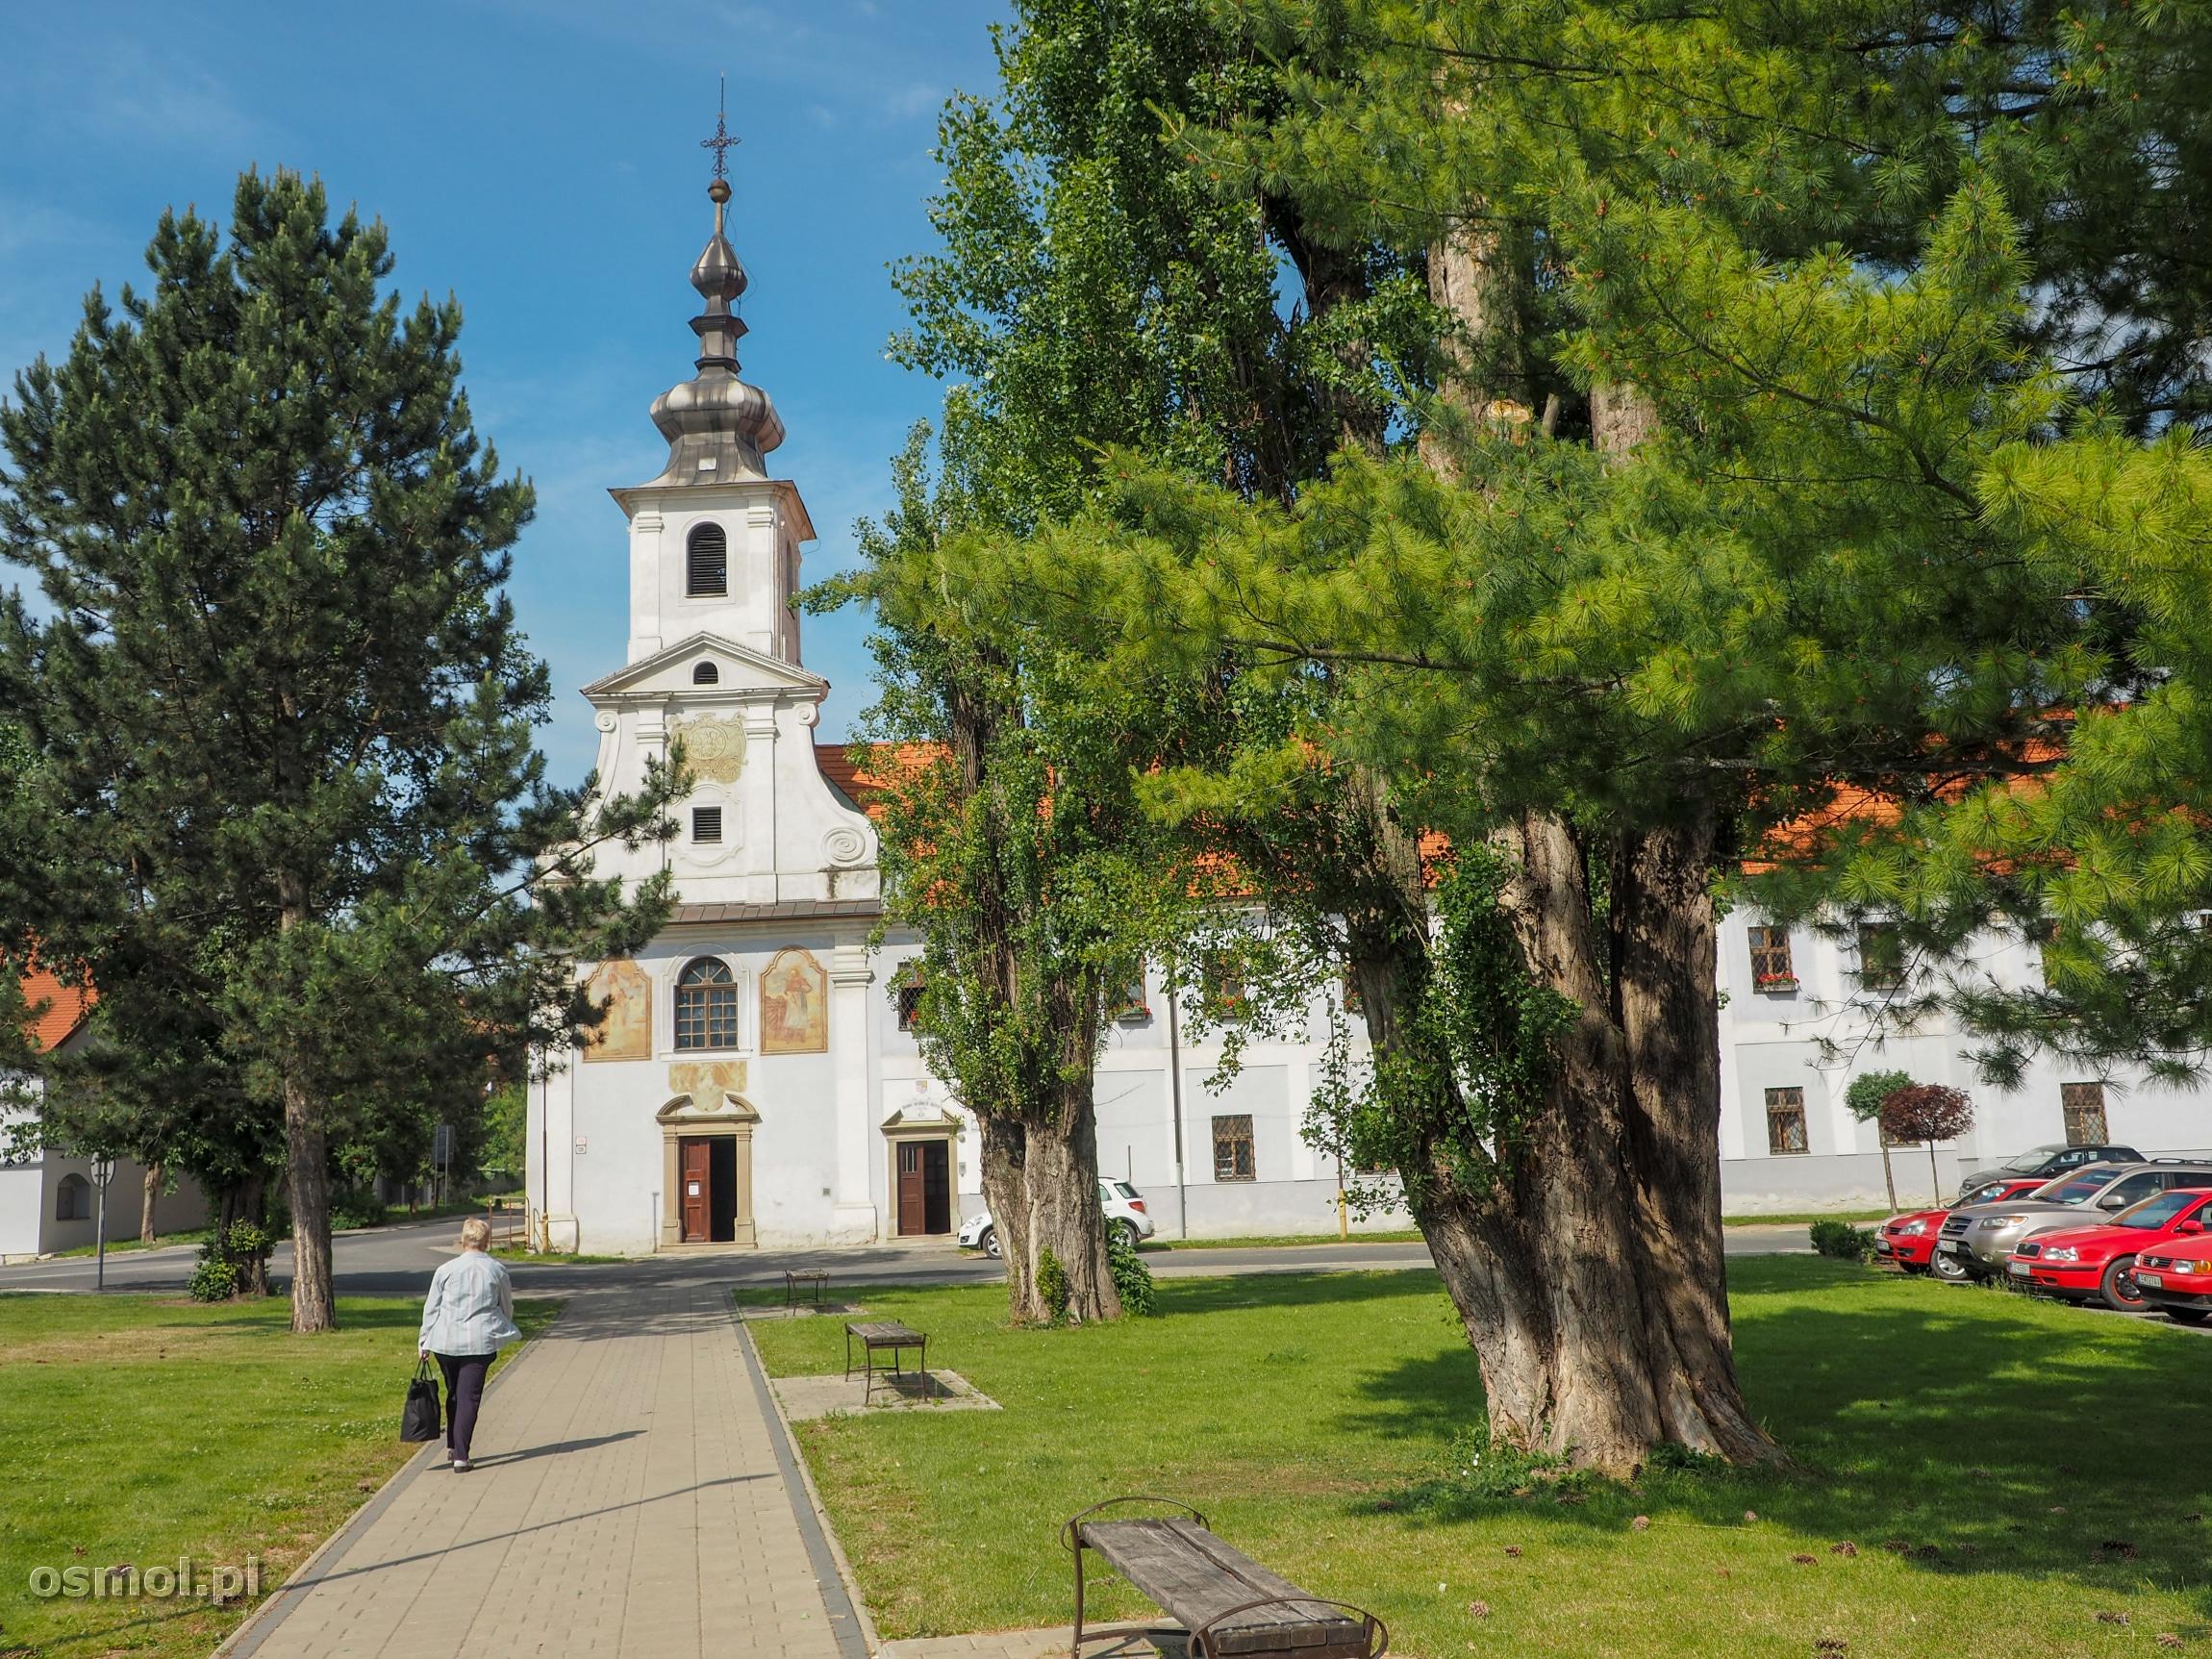 Mały park w Spiskim Podgrodziu.